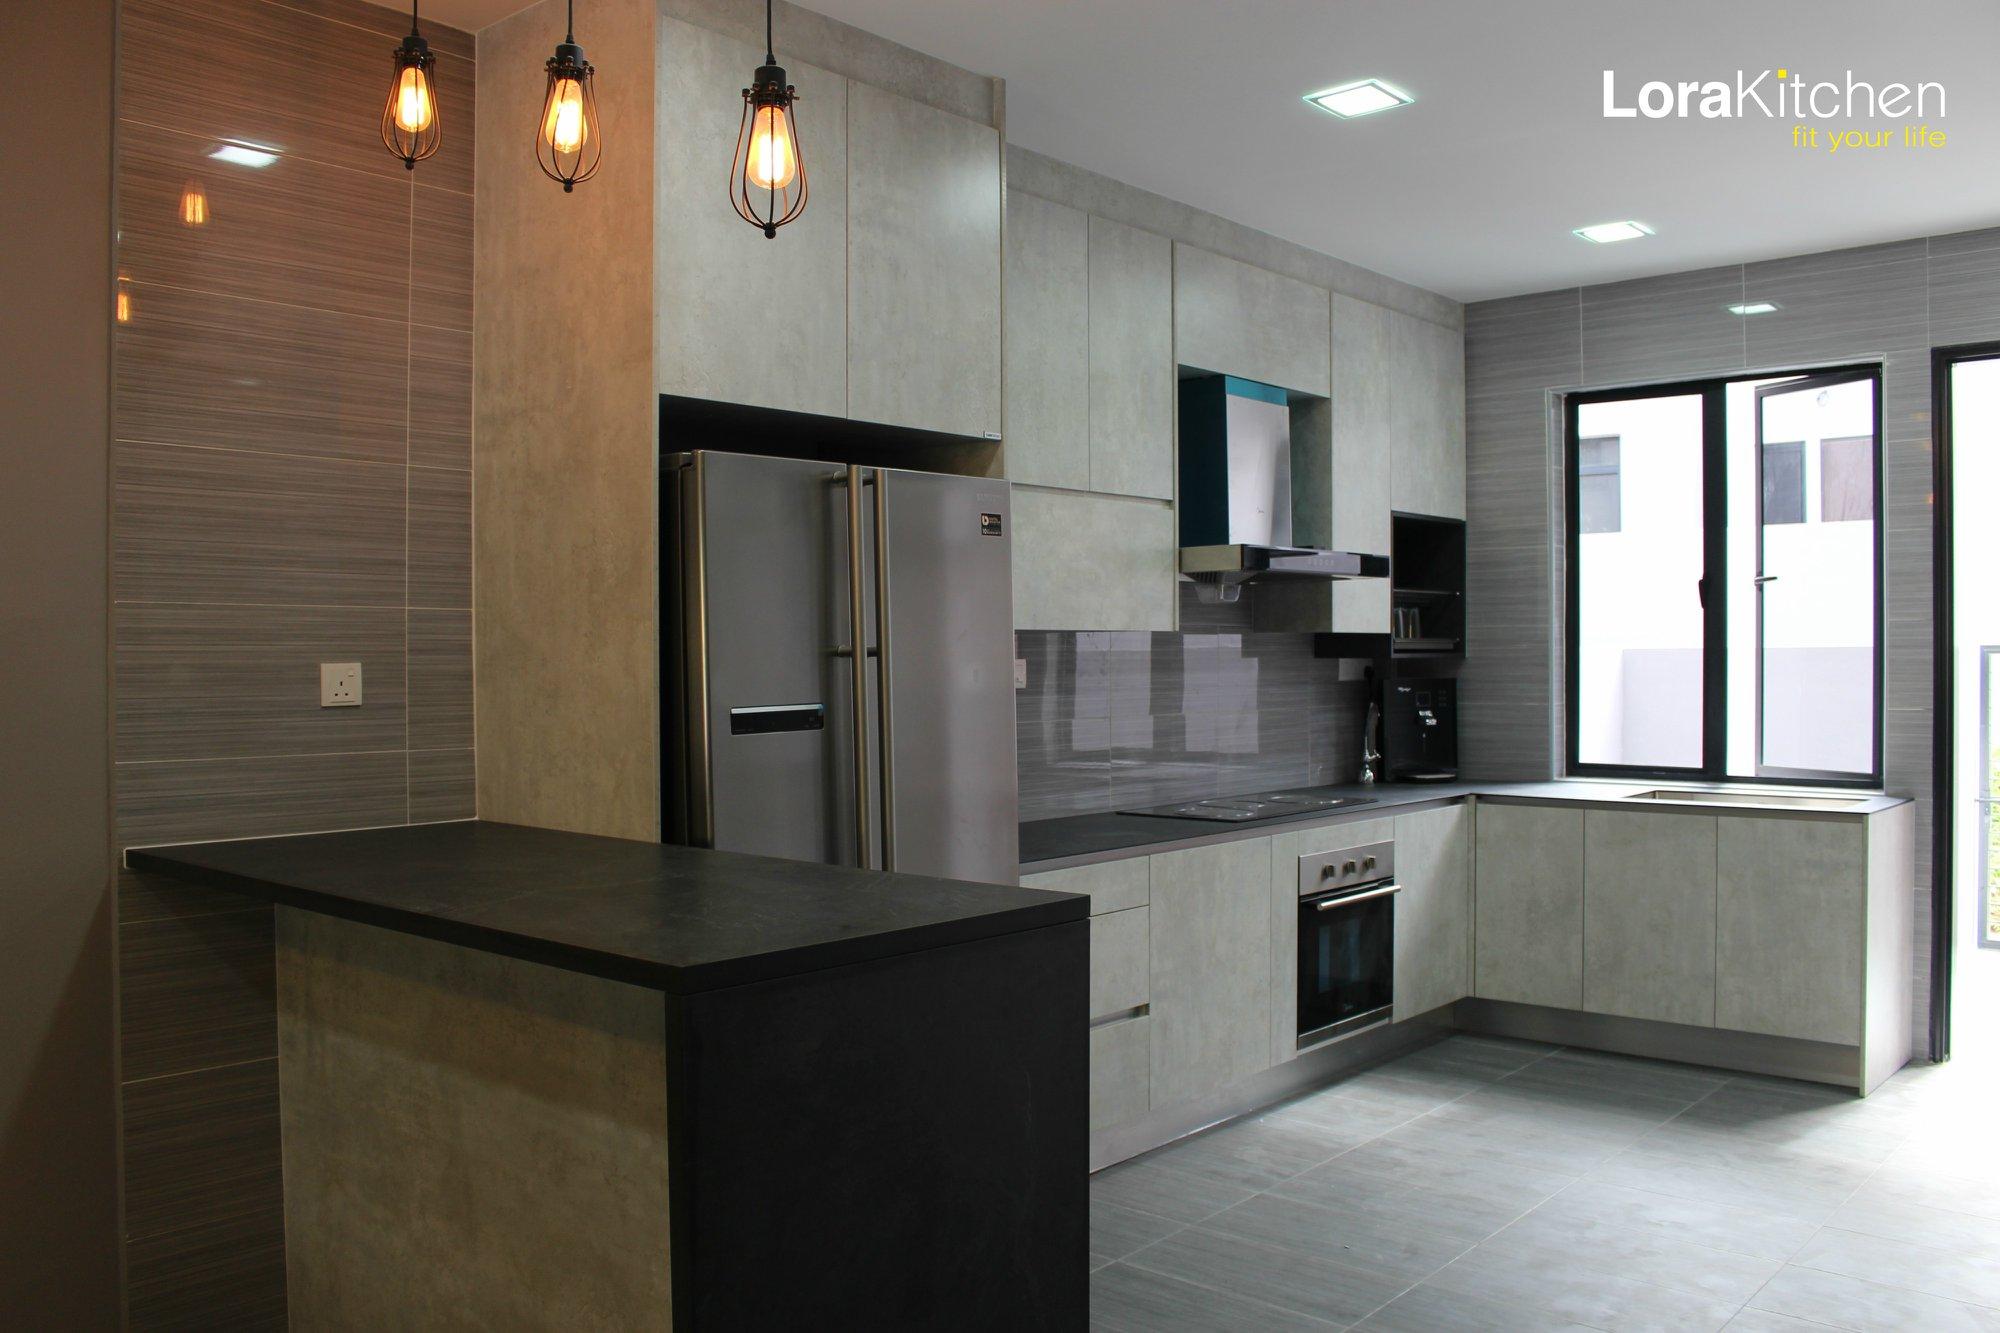 kitchen   Lora Kitchen